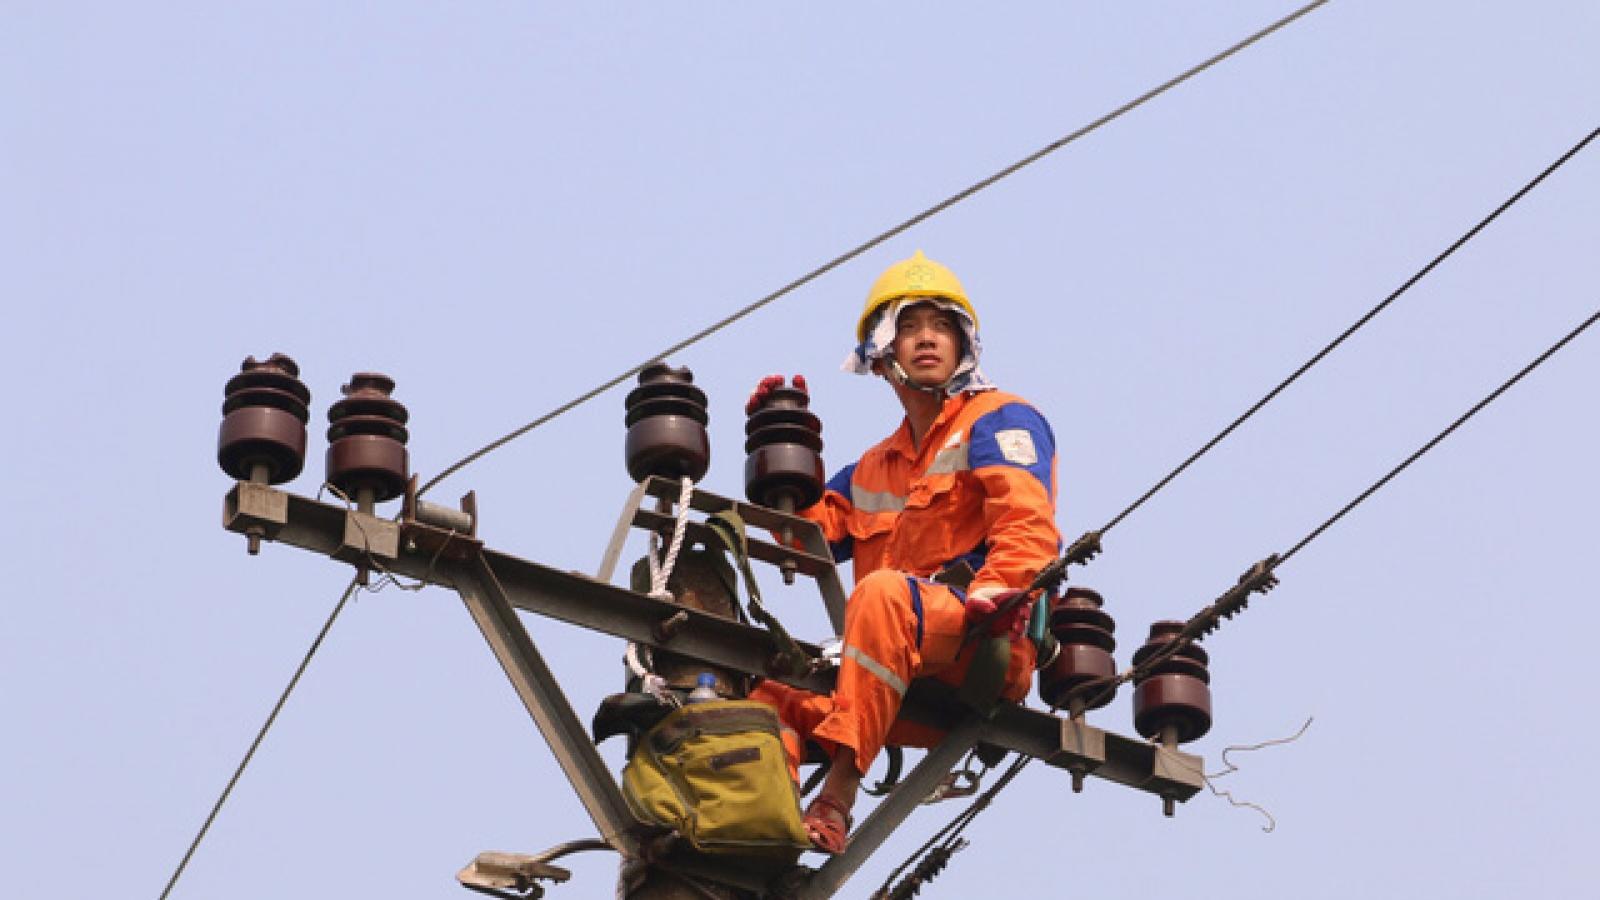 Tiêu thụ điện tại miền Bắc tăng kỷ lục, Điện lực Miền Bắc tiết giảm điện tại công sở